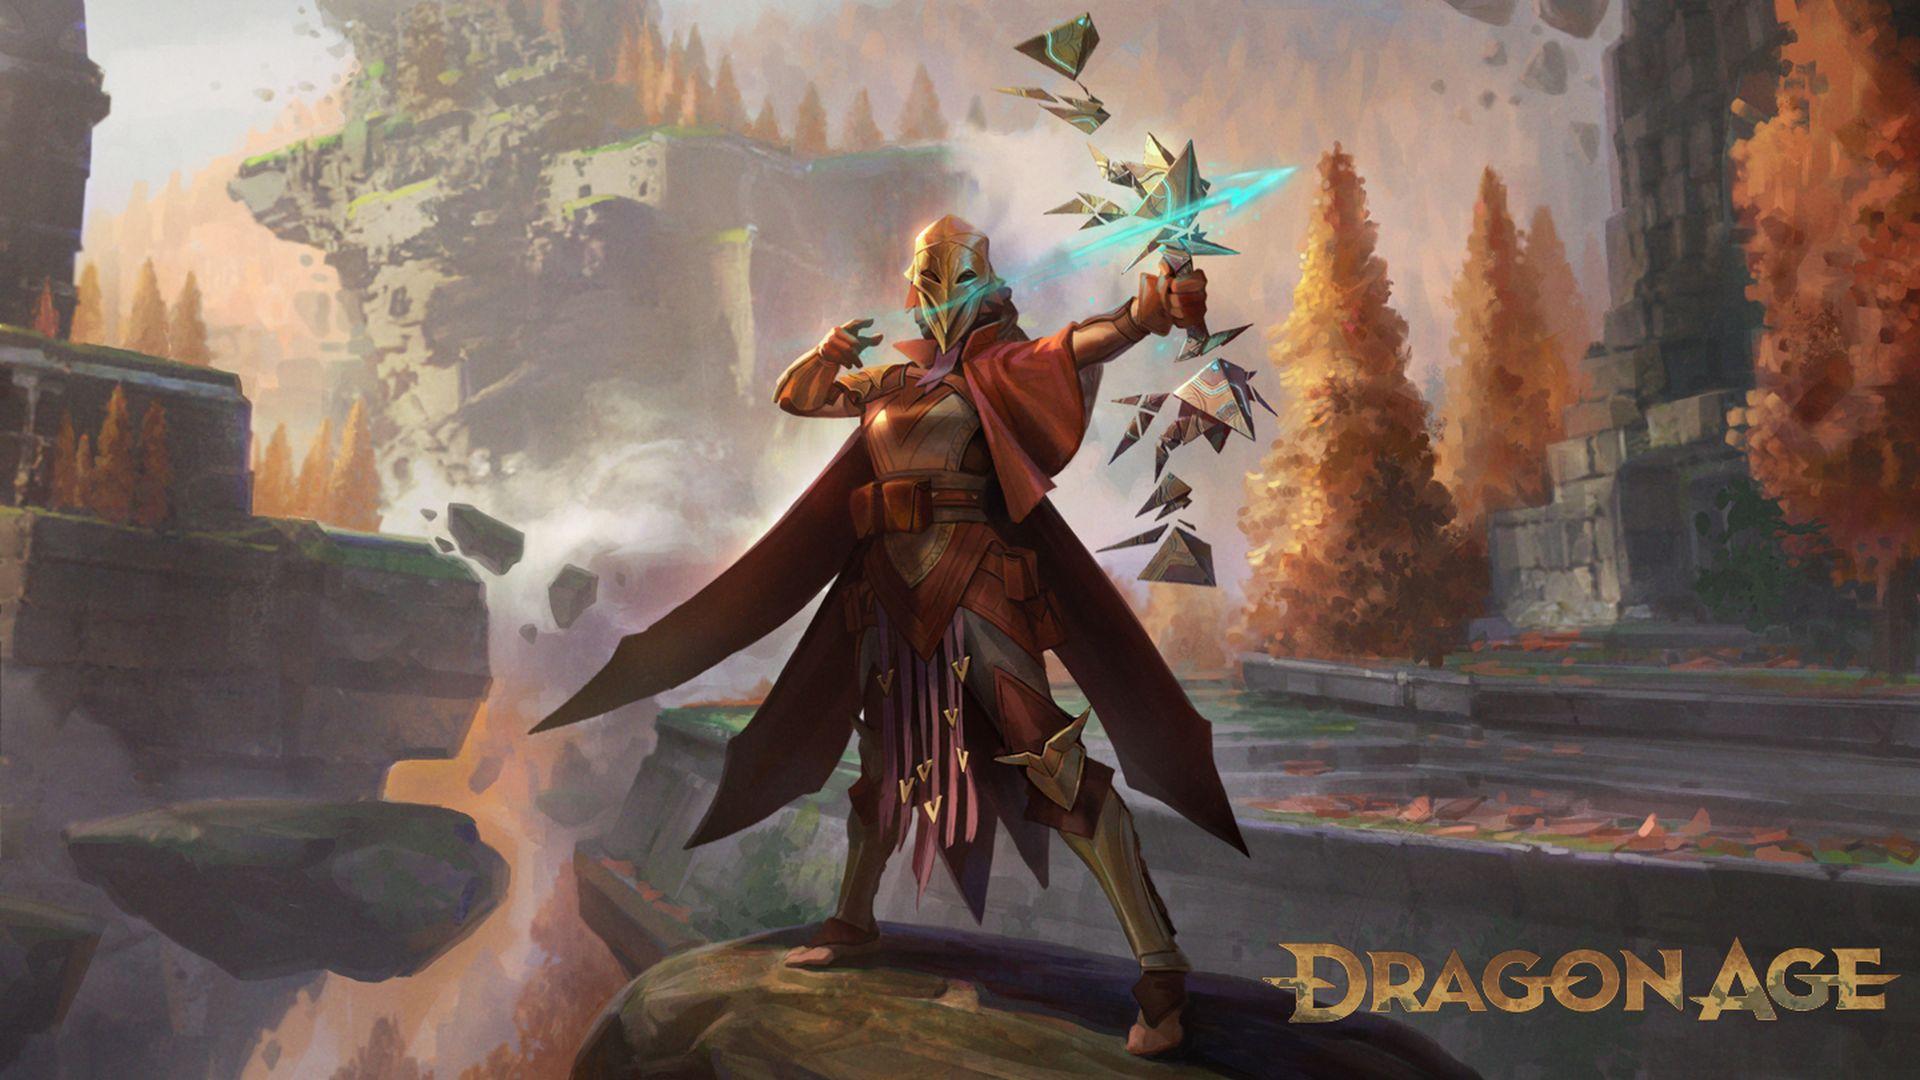 Dragon Age 4 sẽ phát hành vào năm 2023?